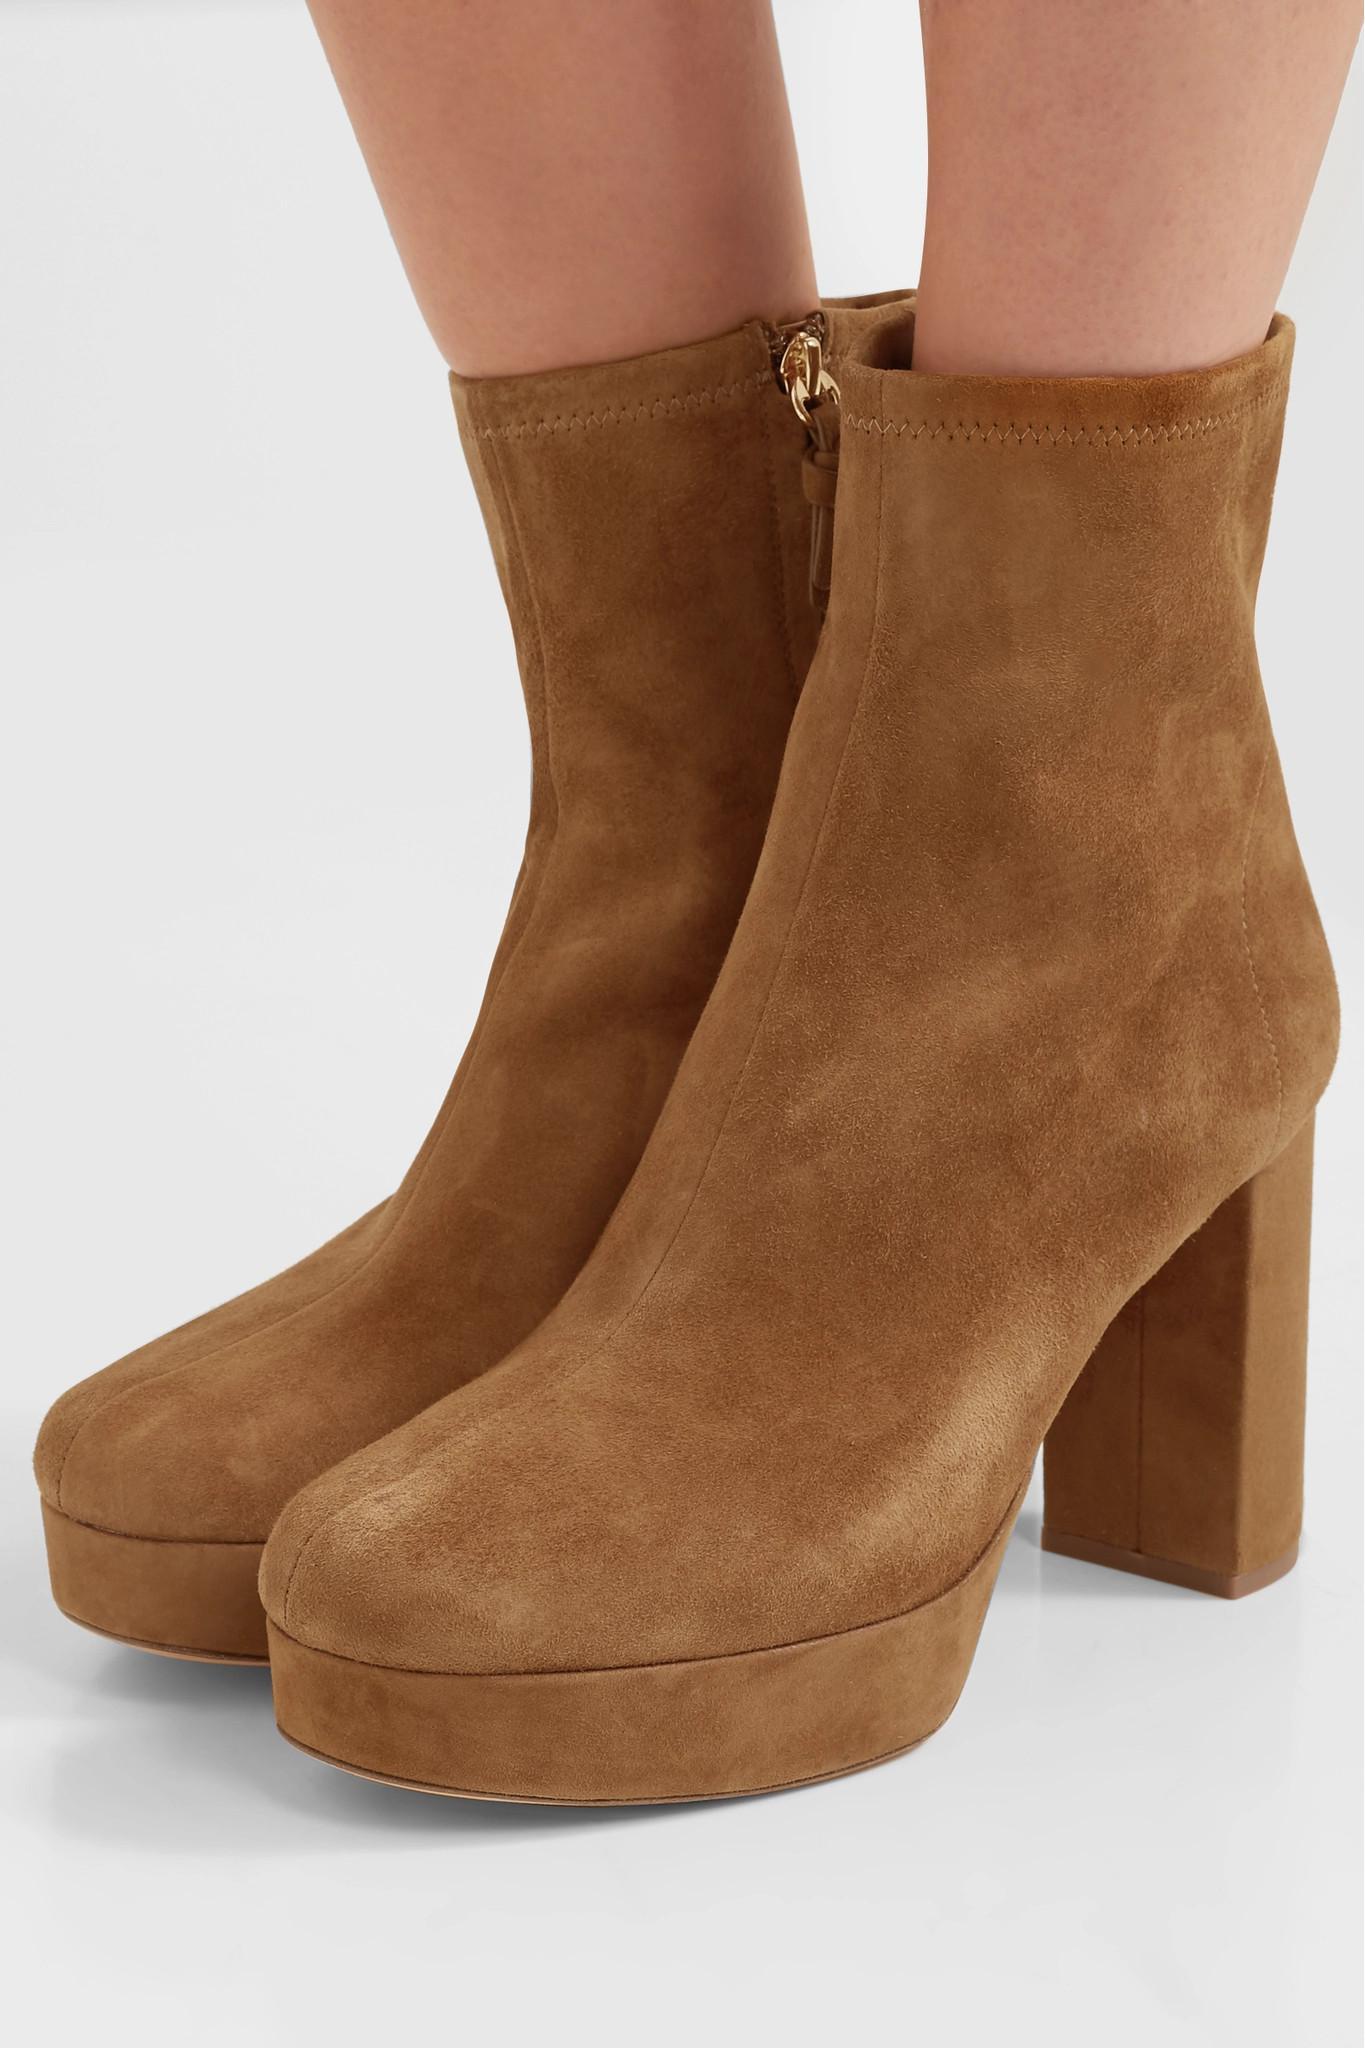 d022f2cc096c Diane von Furstenberg - Brown Yasmine Suede Platform Ankle Boots - Lyst.  View fullscreen